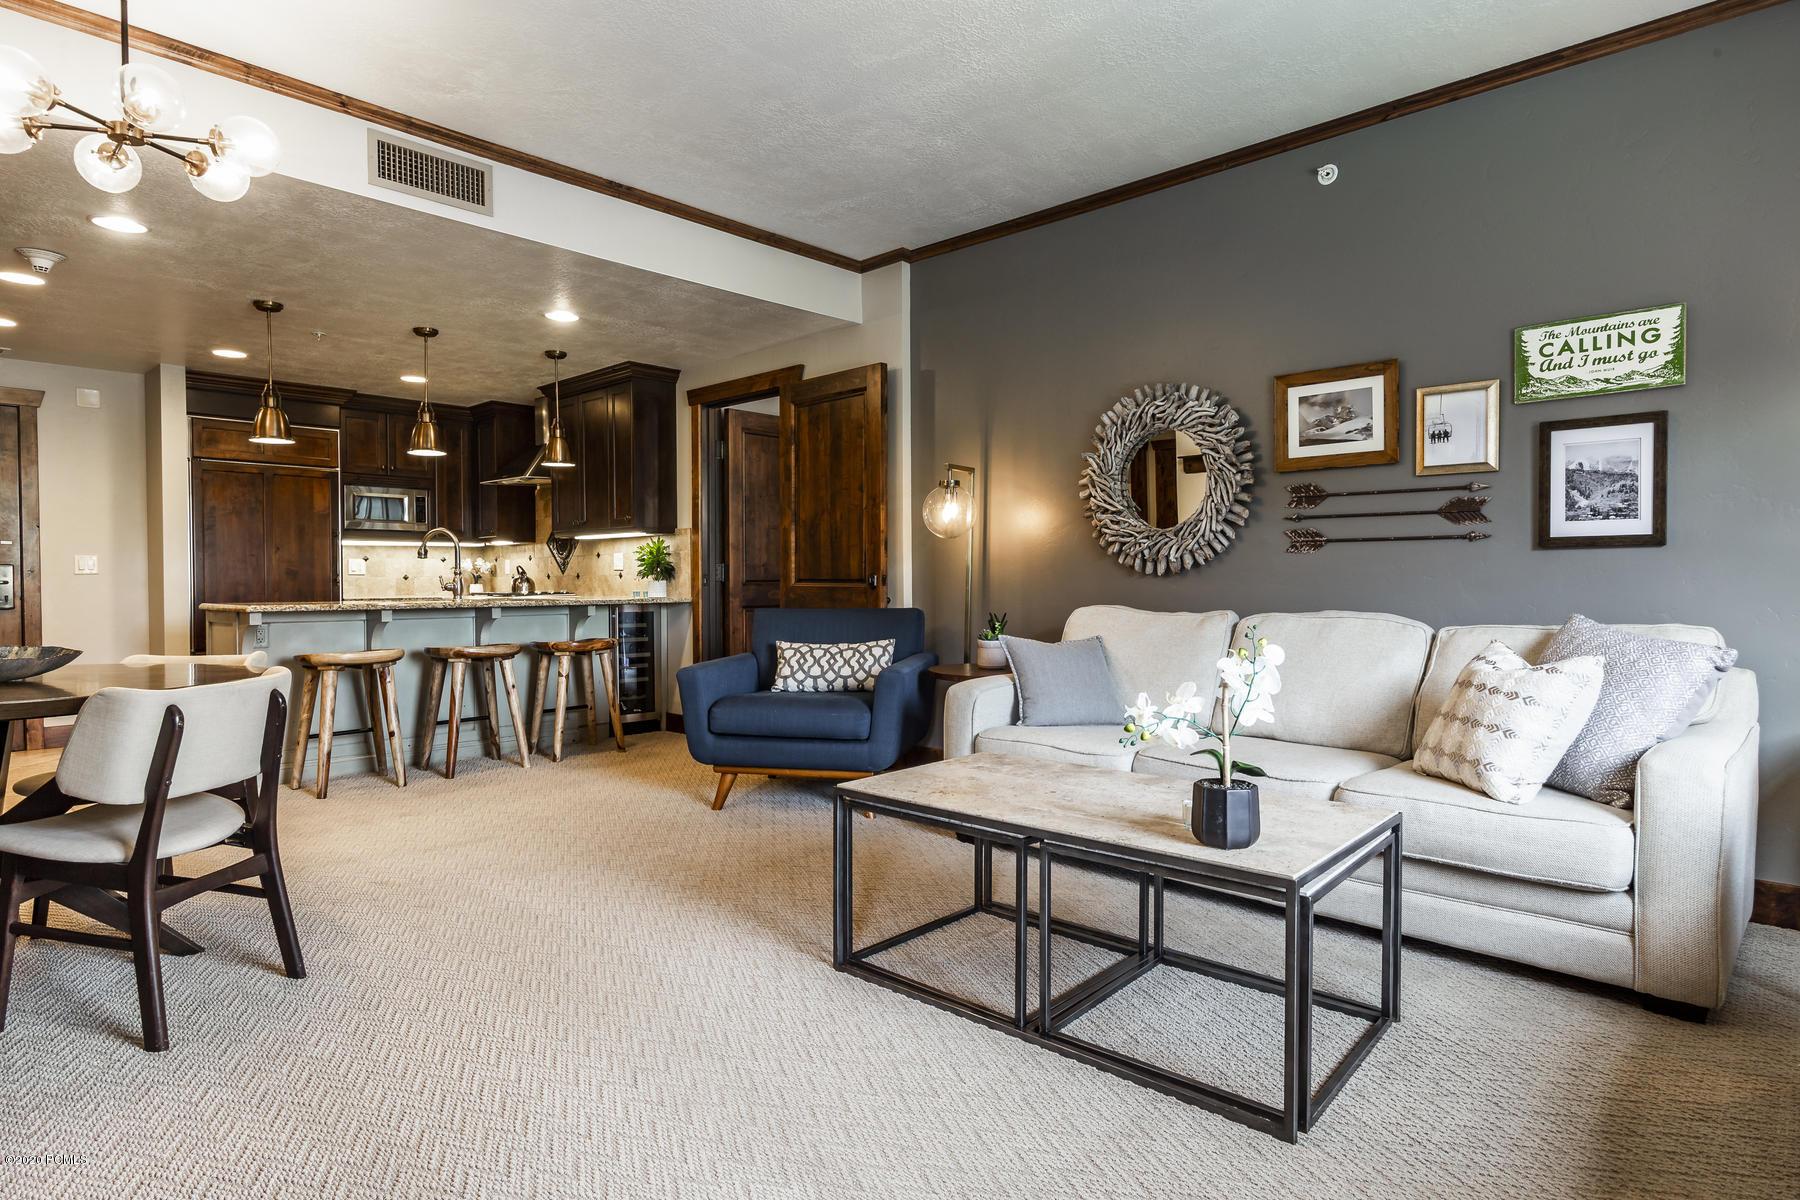 3540 Escala Ct #231 A&B, Park City, Utah 84098, 2 Bedrooms Bedrooms, ,2 BathroomsBathrooms,Condominium,For Sale,Escala Ct #231 A&B,20190109112430415765000000